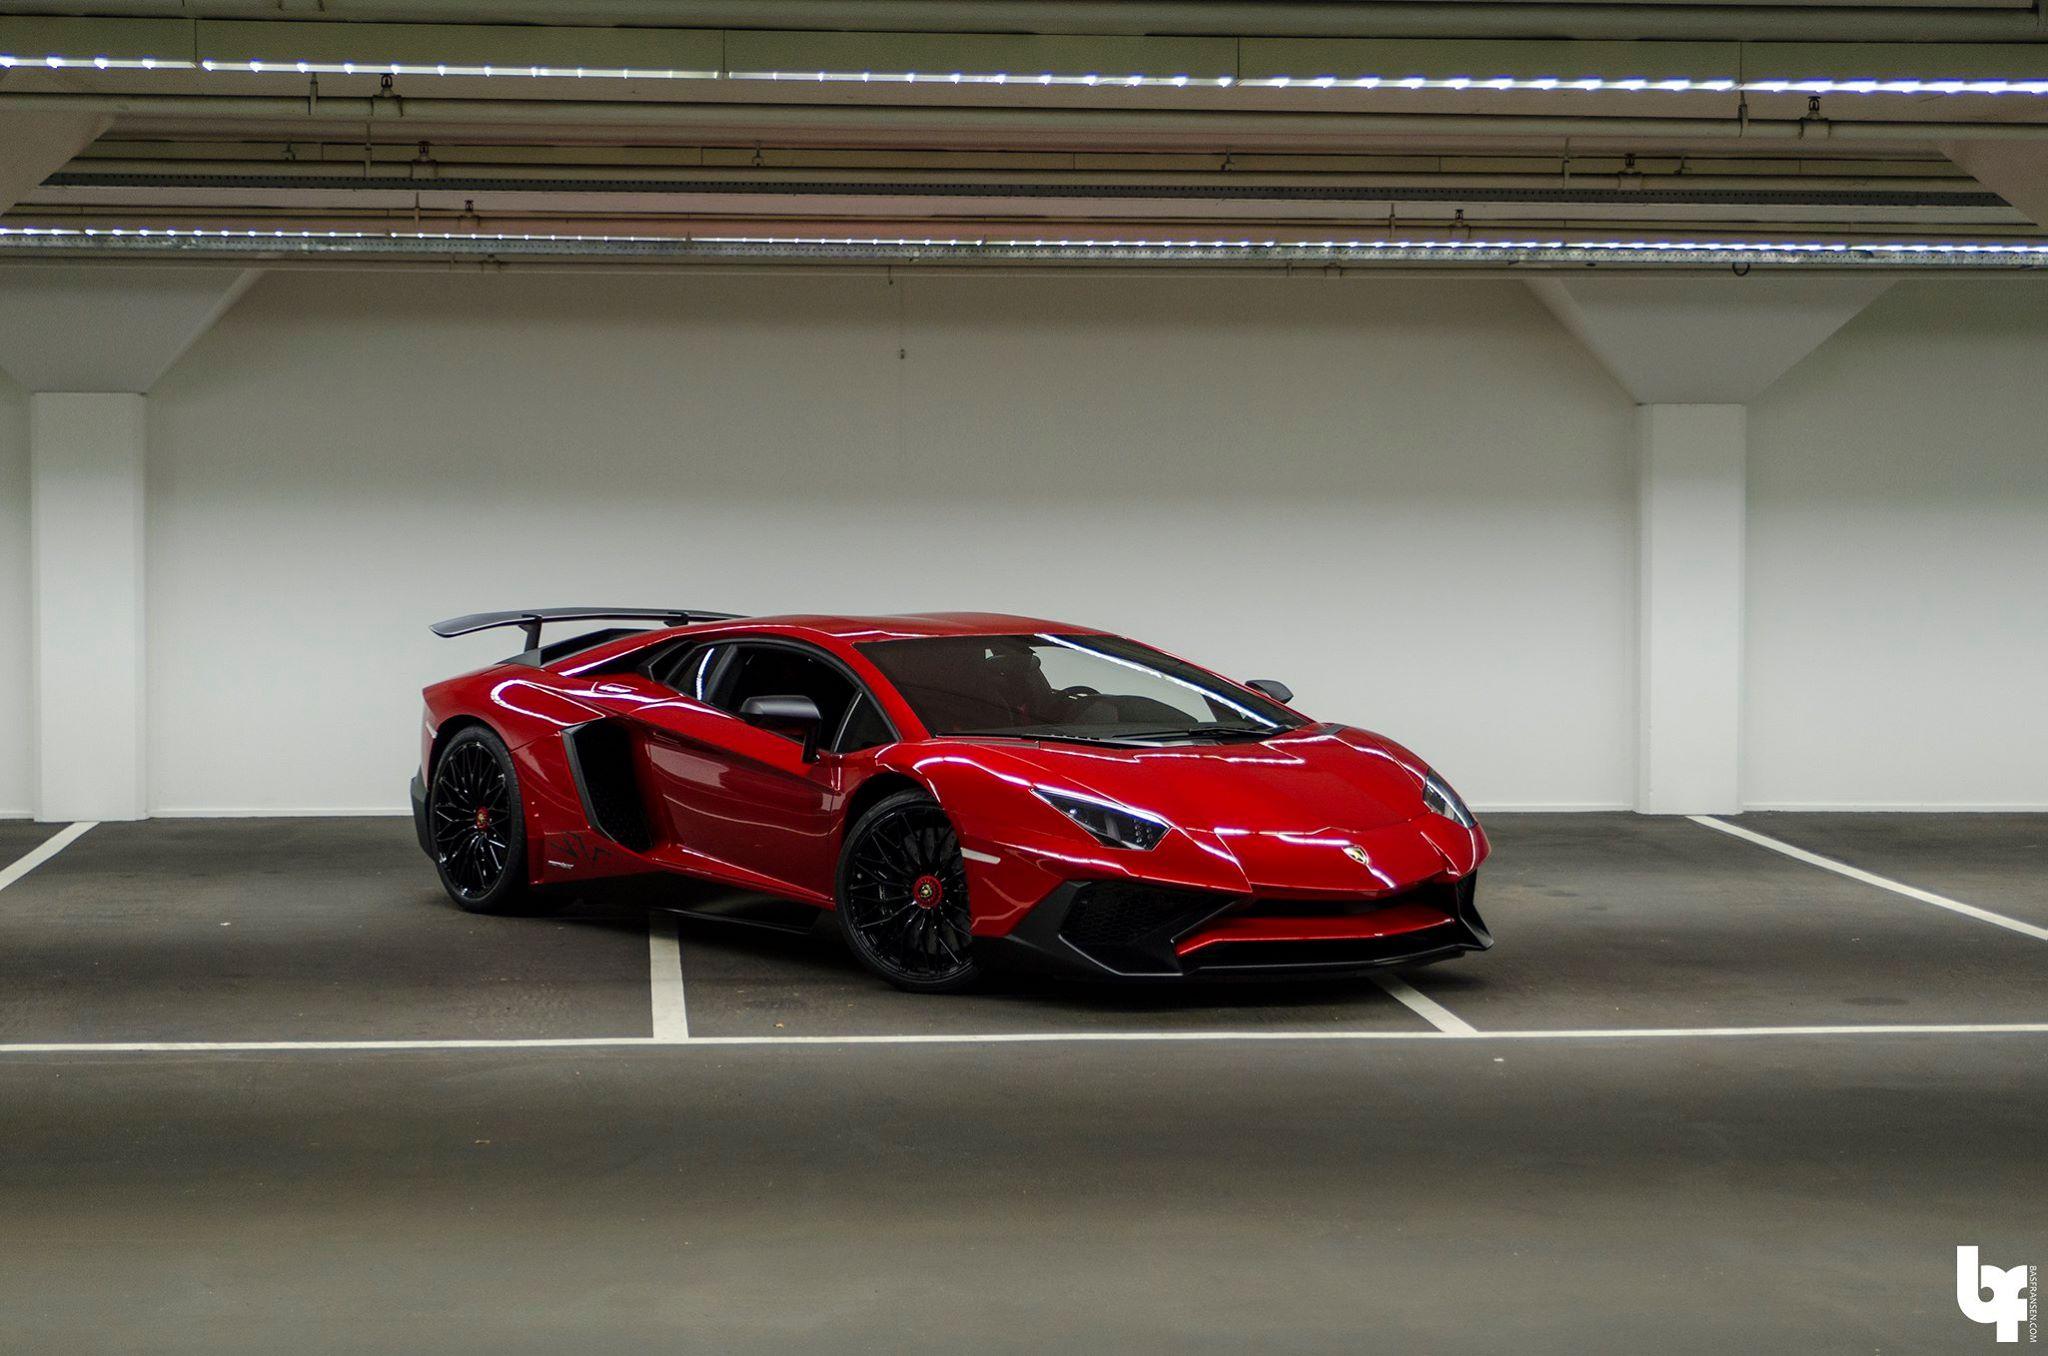 Rosso-Bia-Lamborghini-Aventador-SV-1 Nuevo superdeportivo de Afrojack